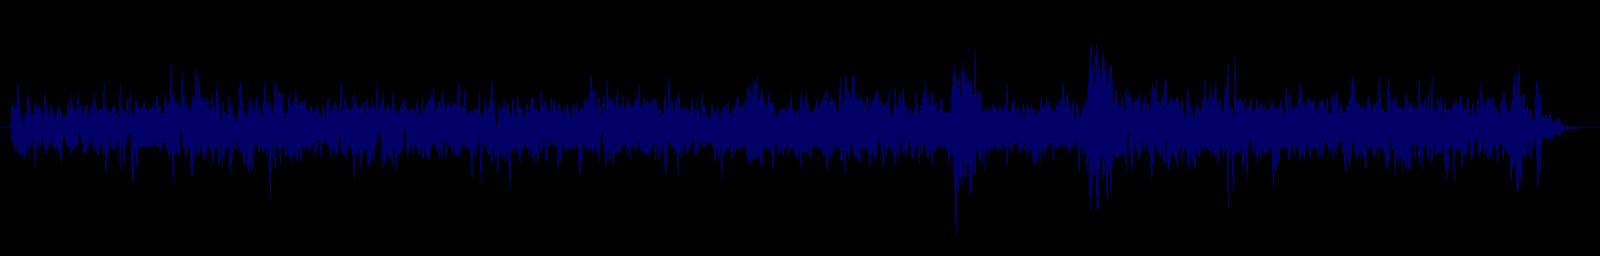 waveform of track #120928